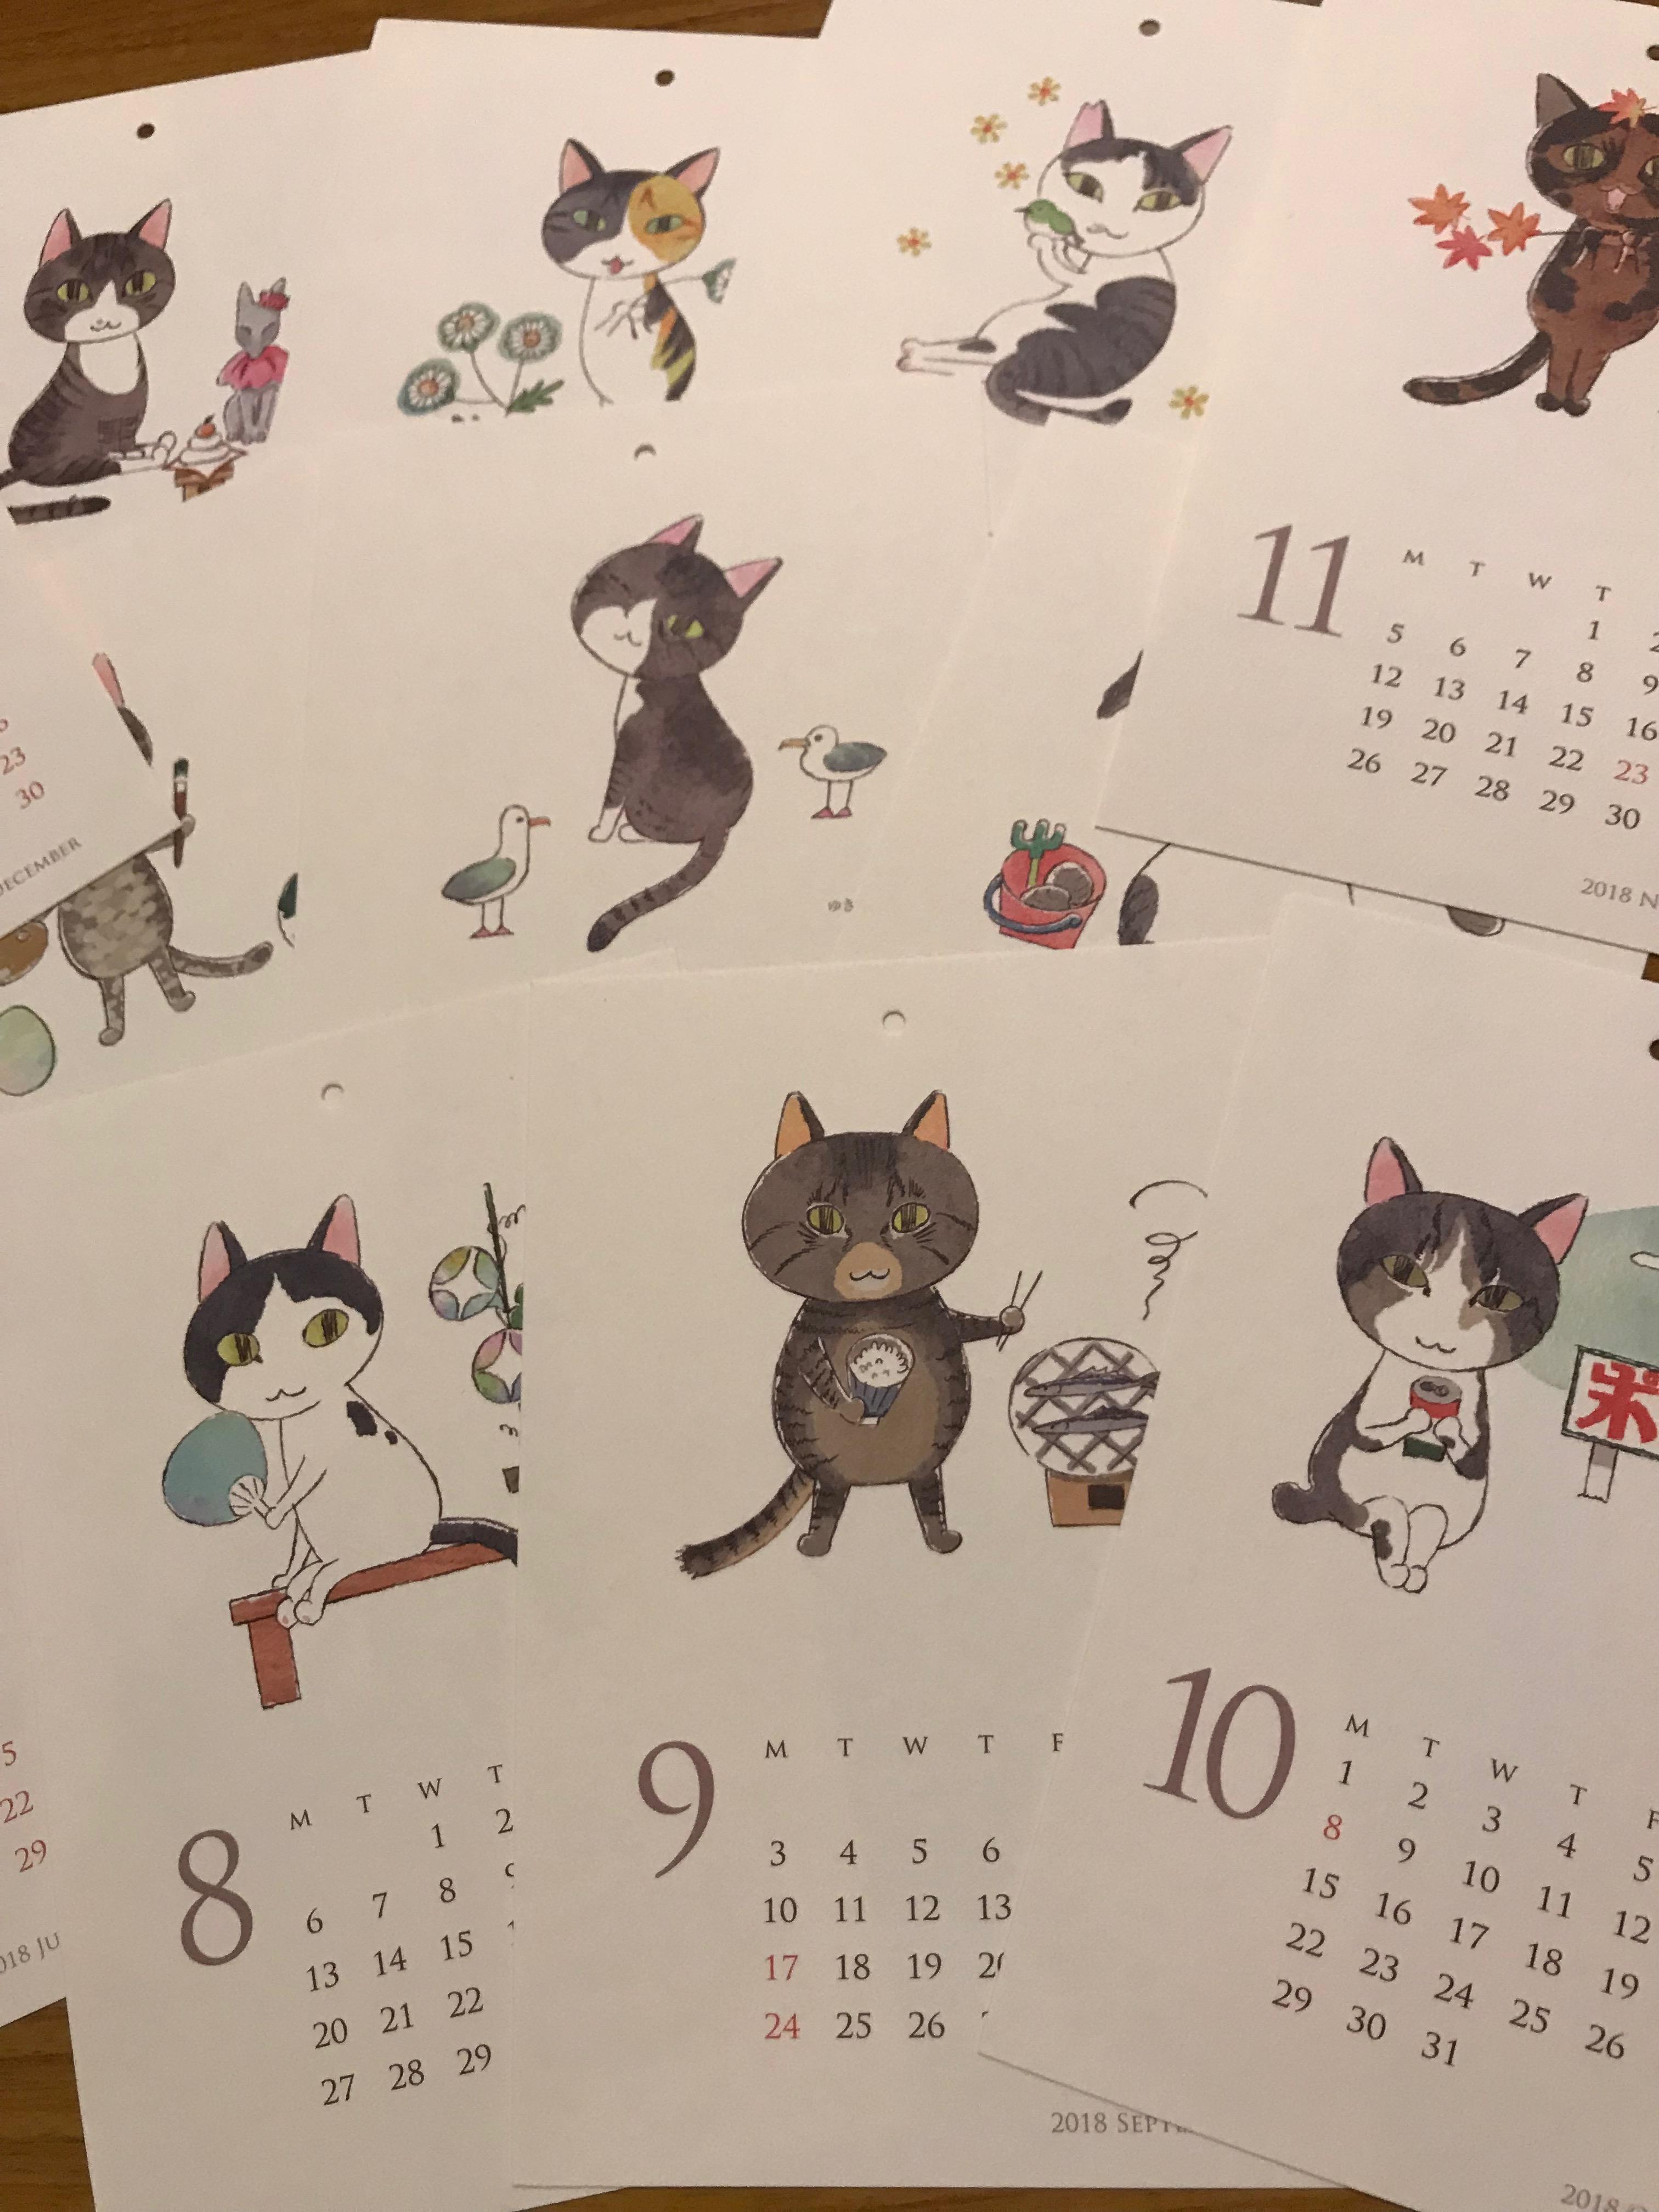 羽田マチネコカレンダー販売!